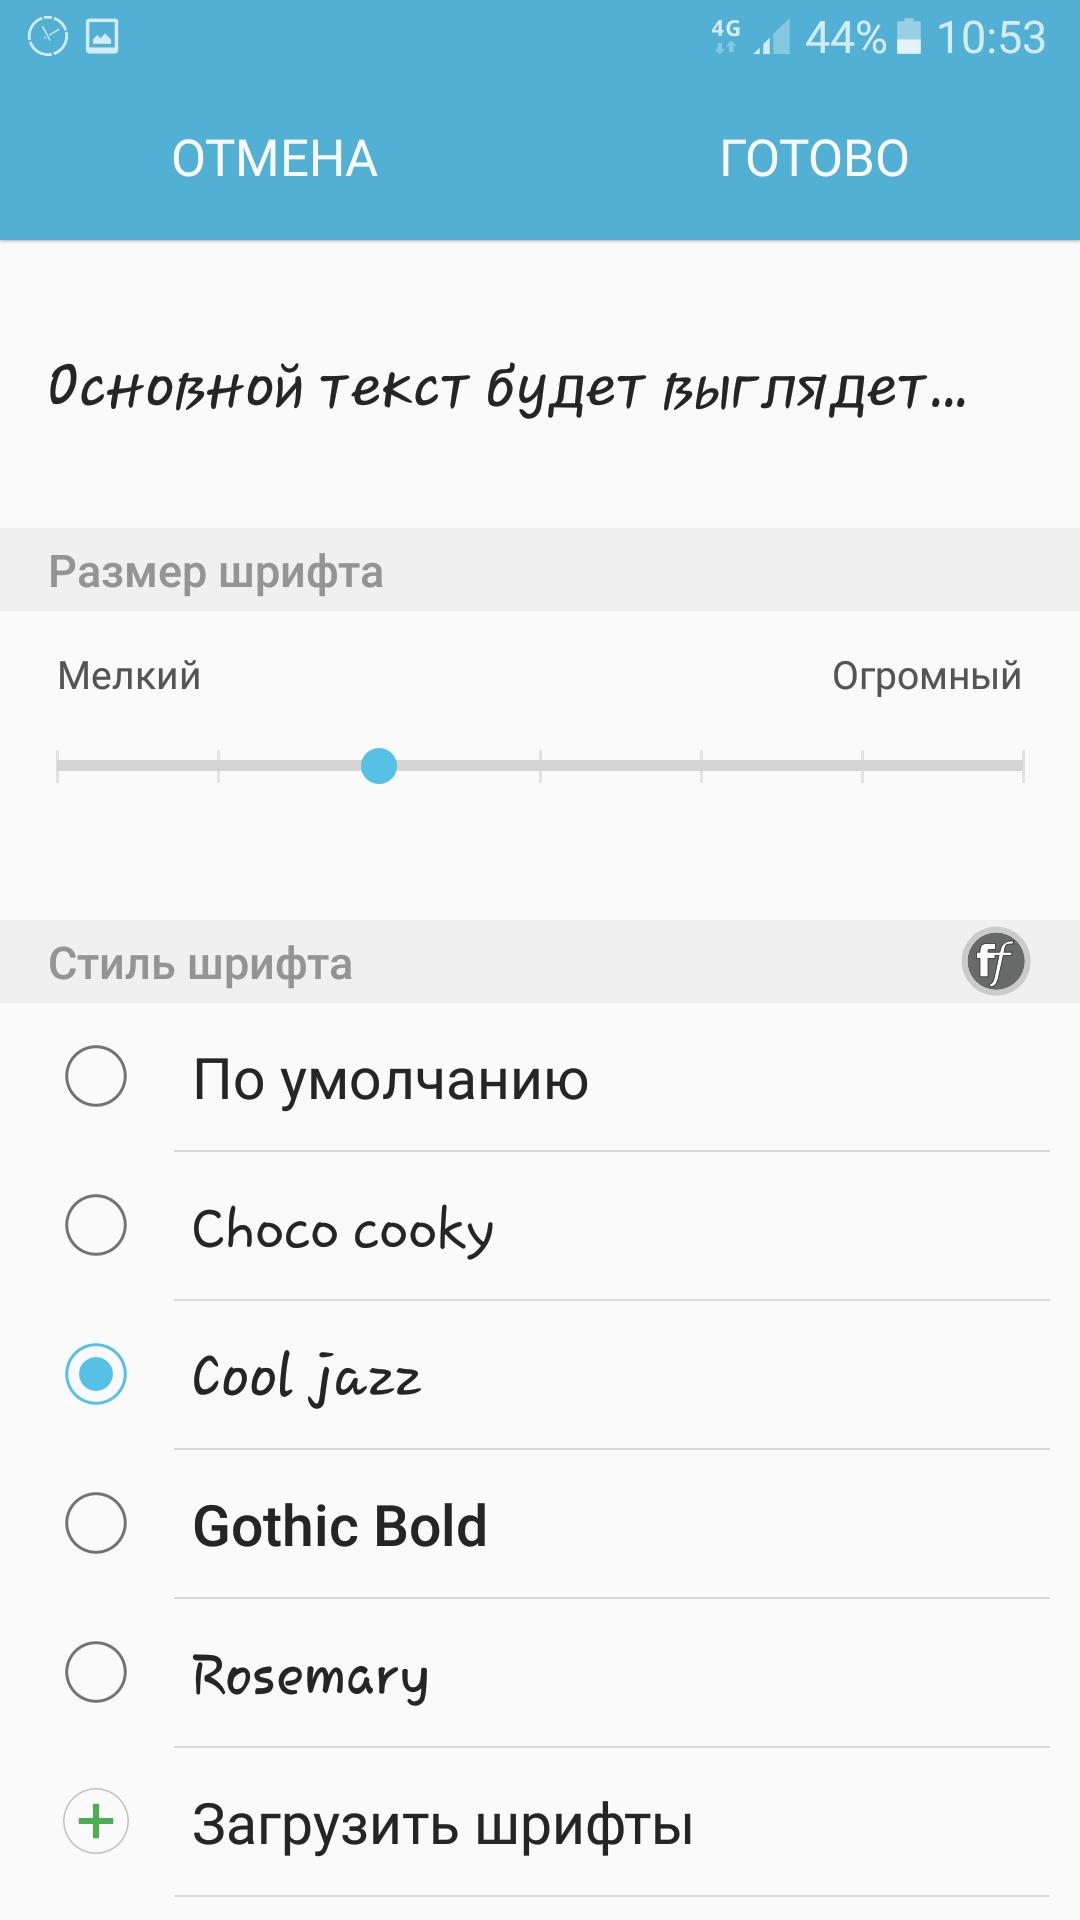 как изменить интерфейс в вк андроид